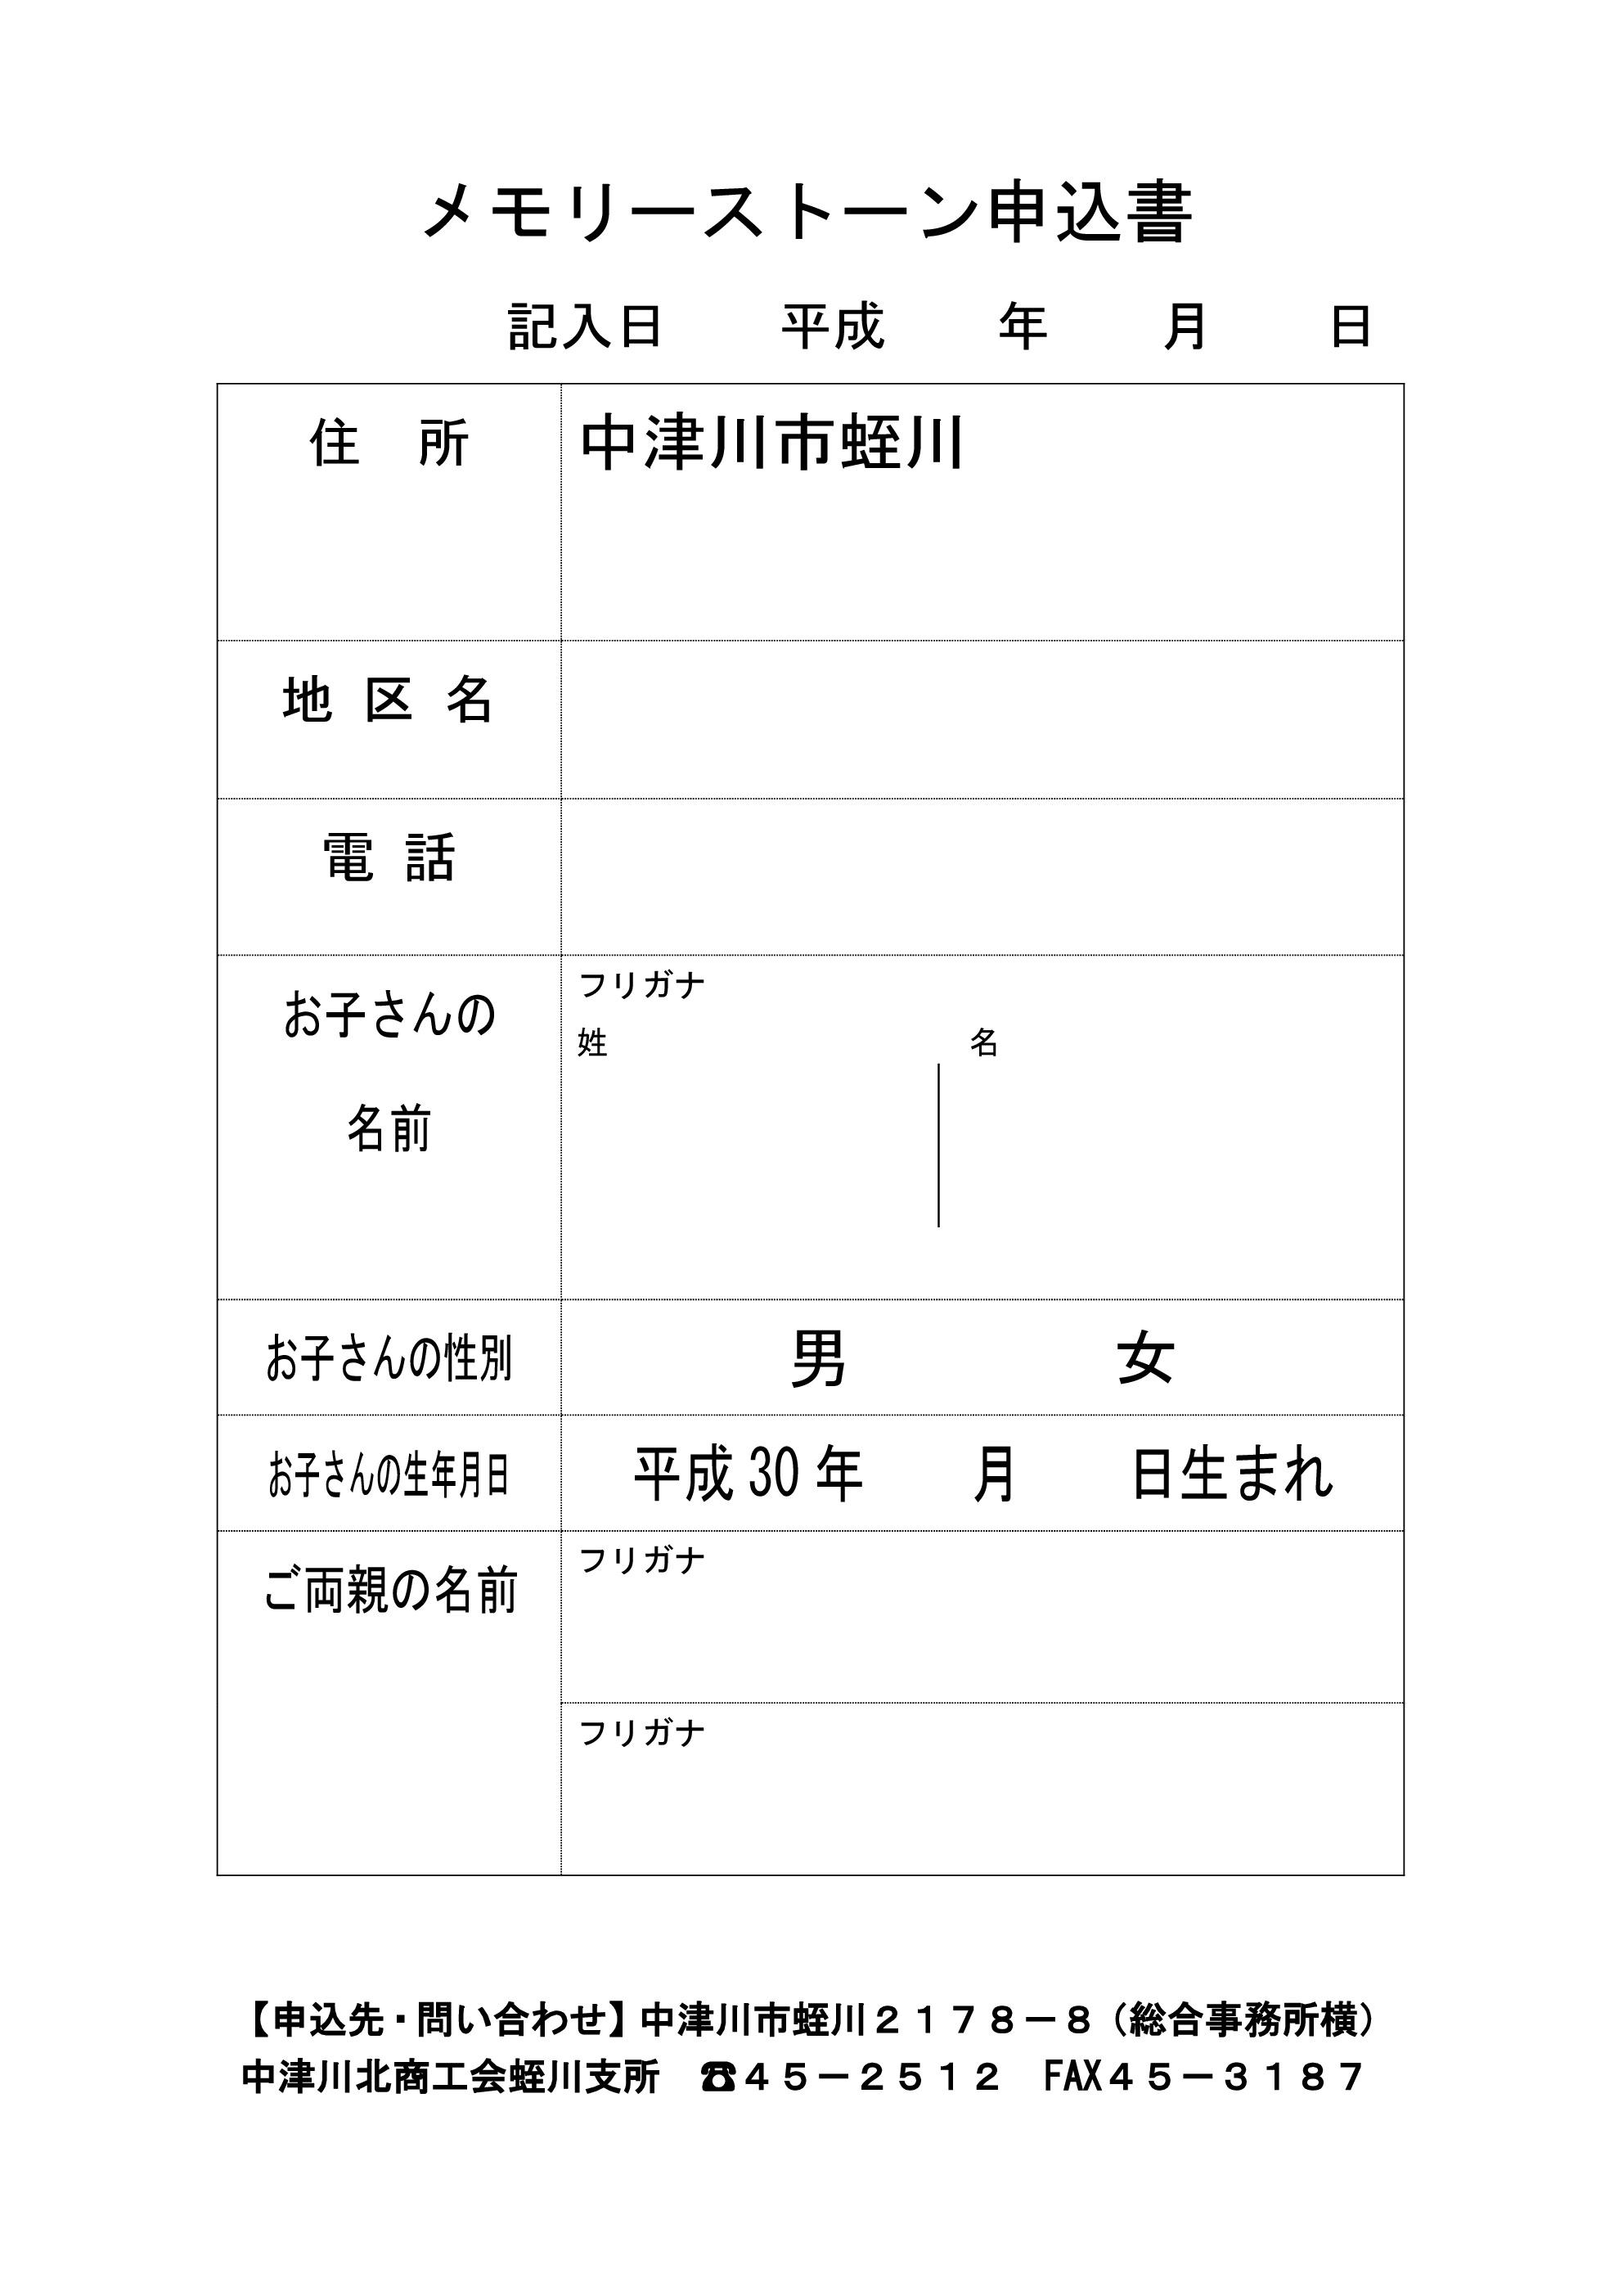 🎍謹賀新年🎍 & 【蛭川支部】メモリーストーン募集開始!